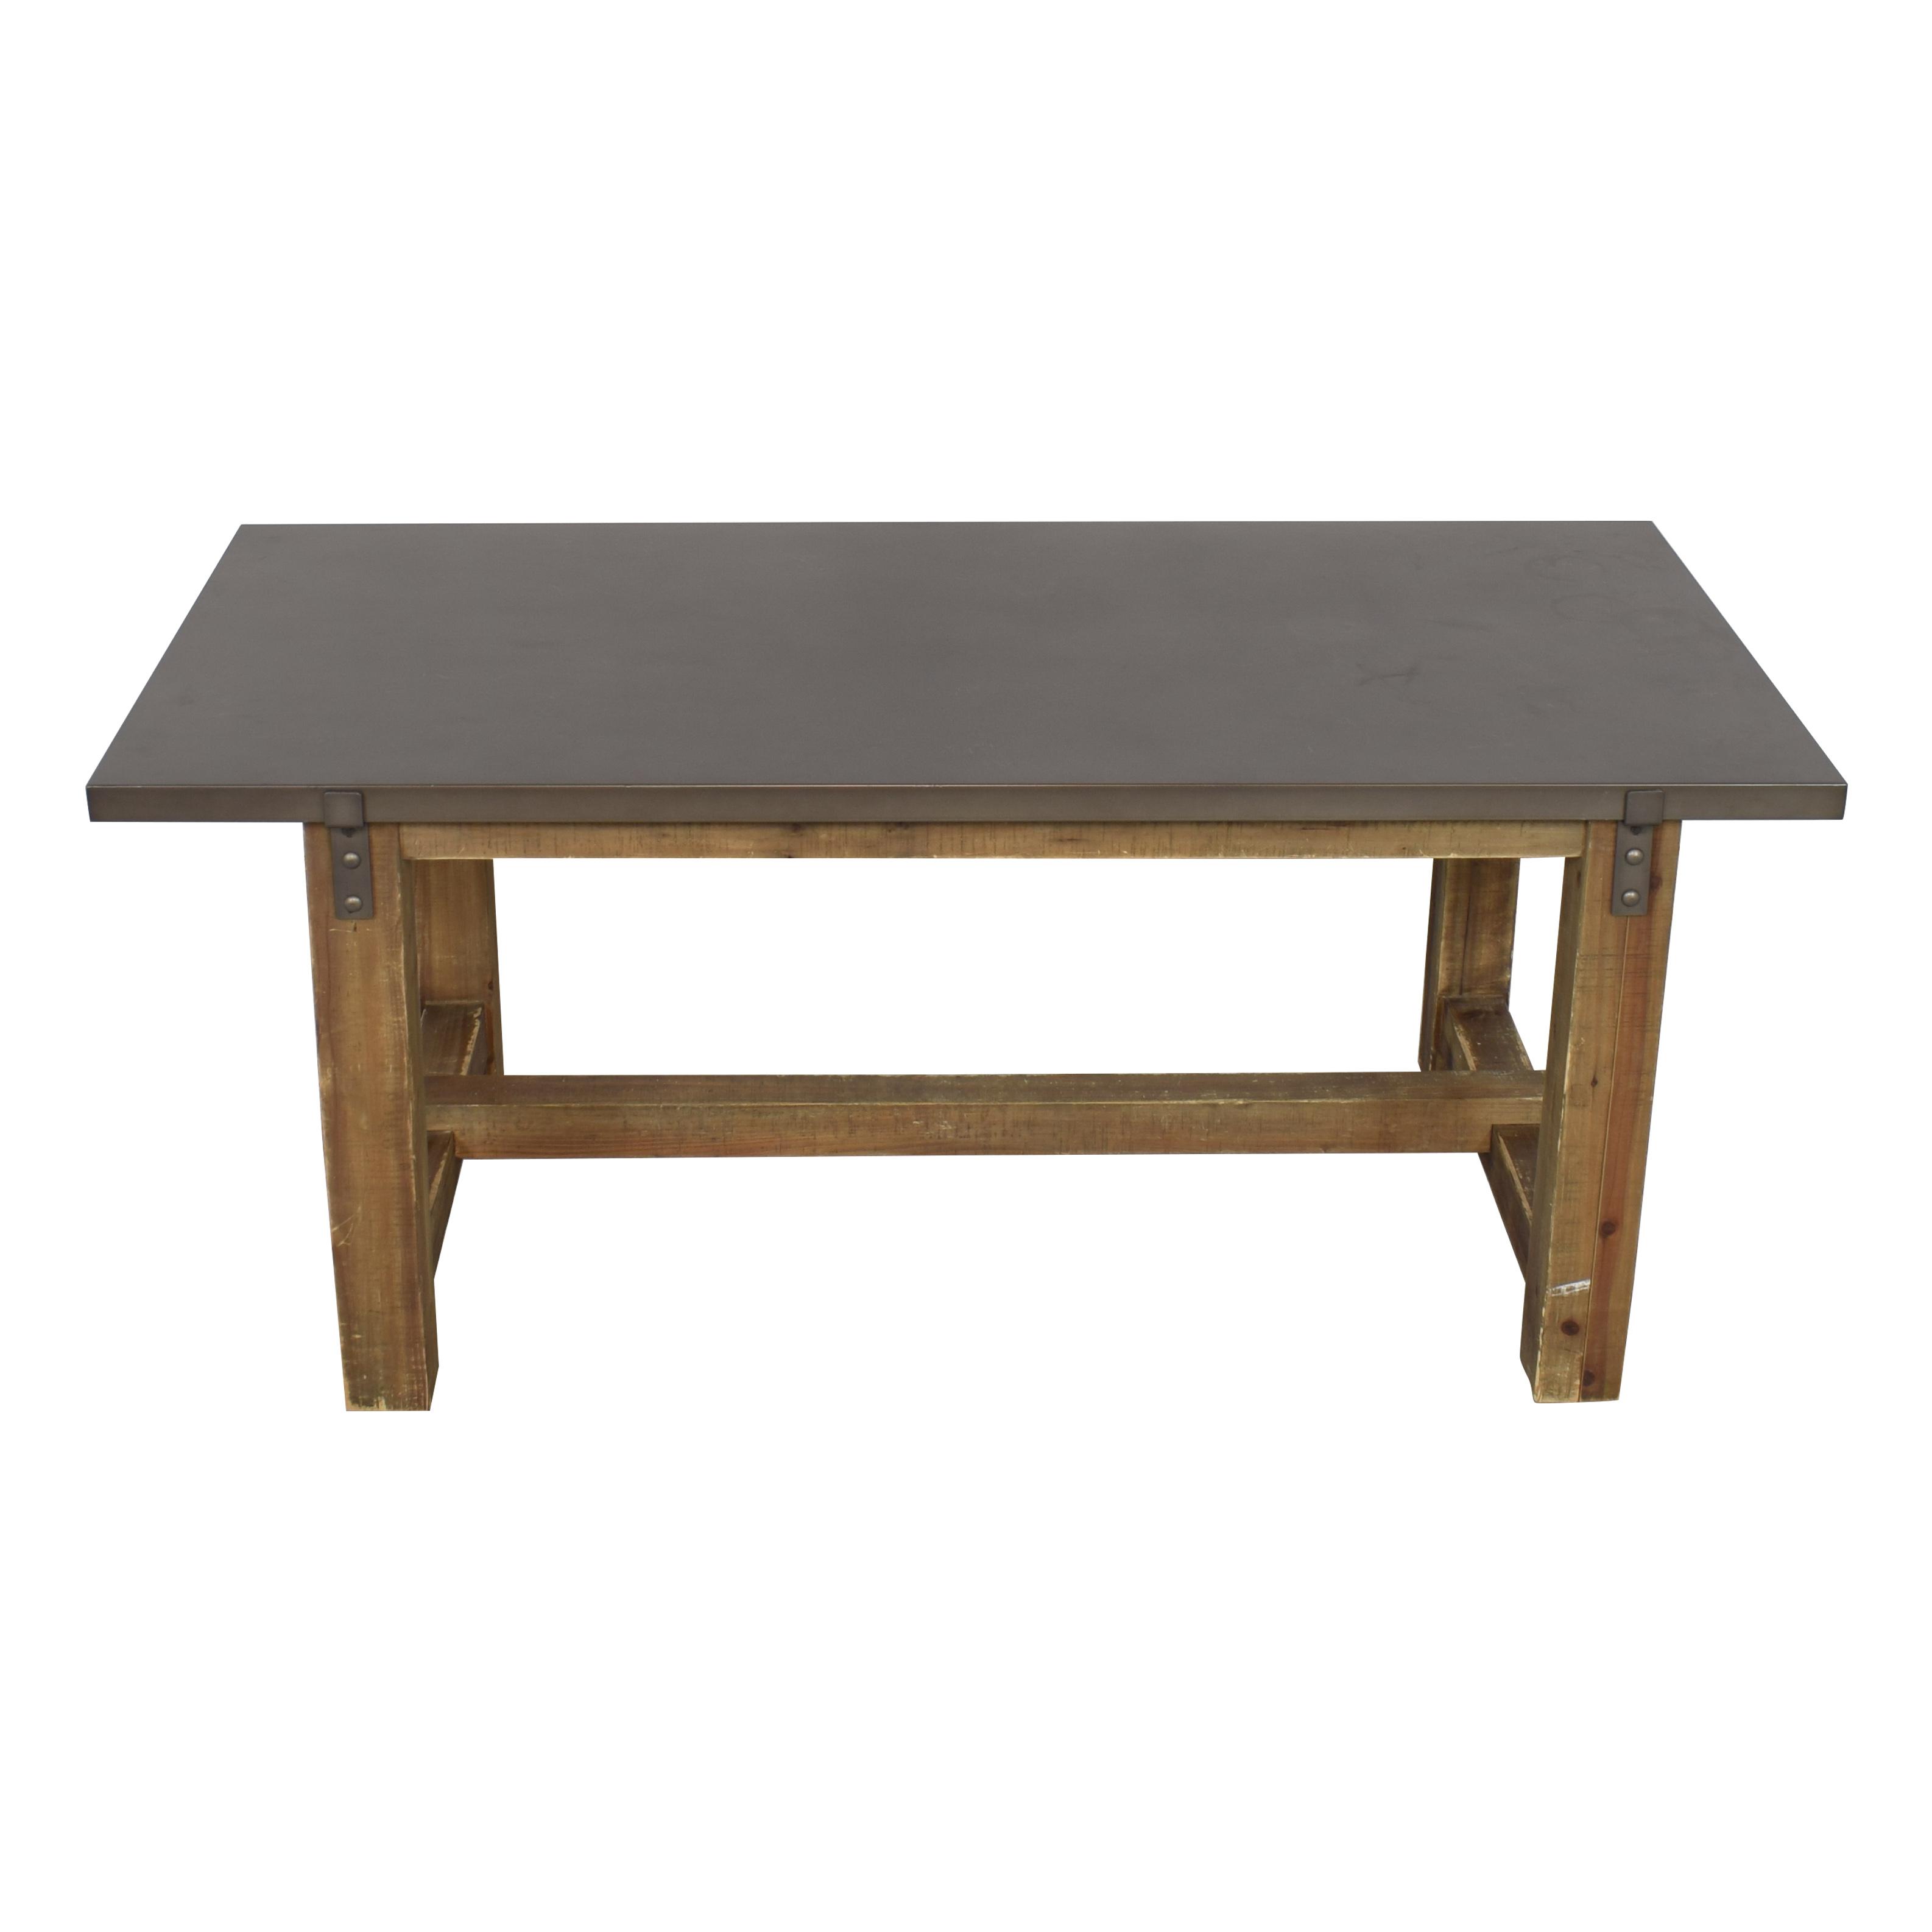 Restoration Hardware Restoration Hardware Reclaimed Wood & Zinc-Top Rectangular Dining Table